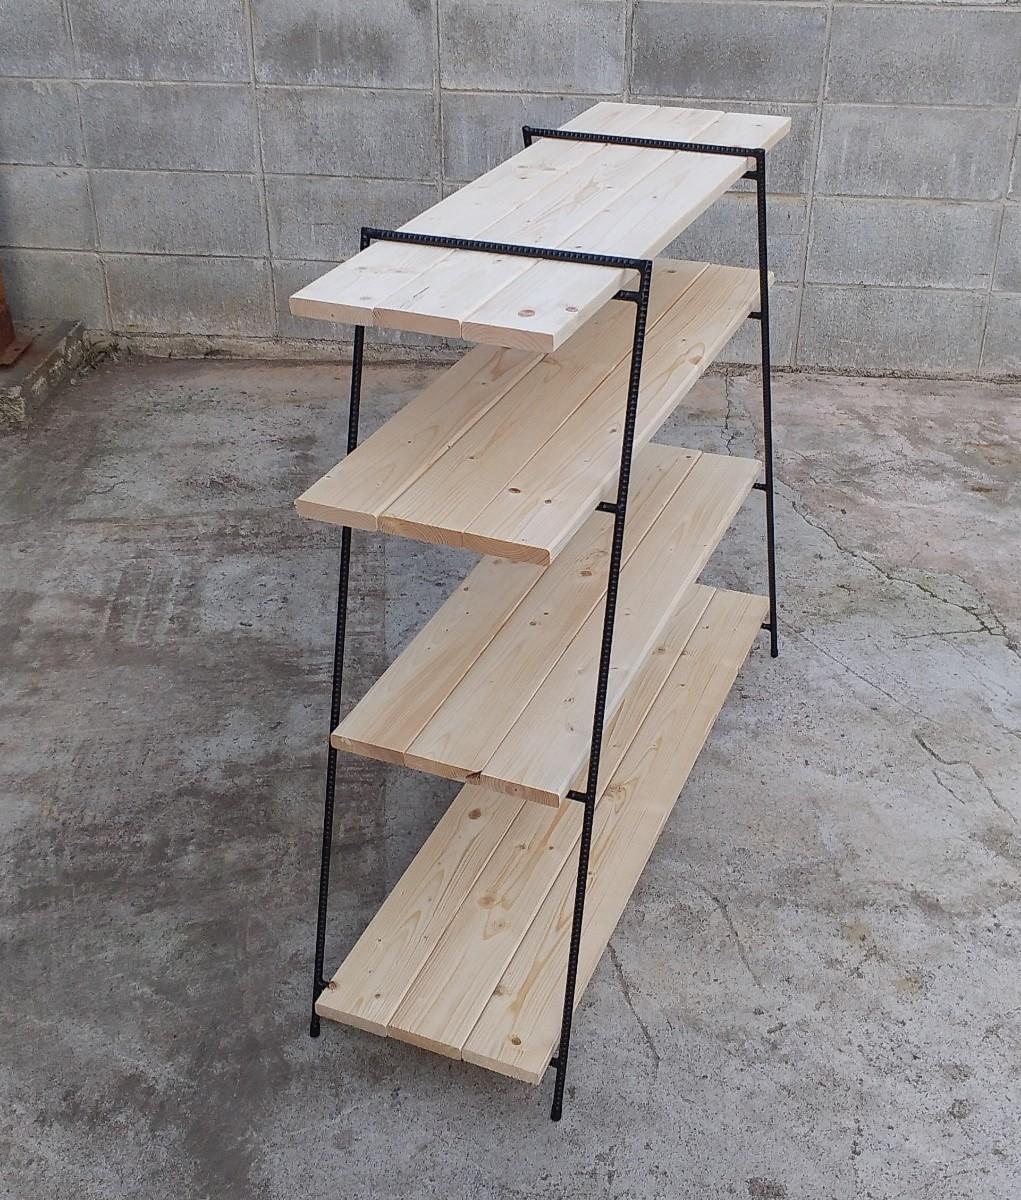 高さ930㎜アイアンシェルフ 観葉植物ラック イベント 什器 キャンプテーブル アウトドア 鉄脚 アイアンテーブル アイアンラック